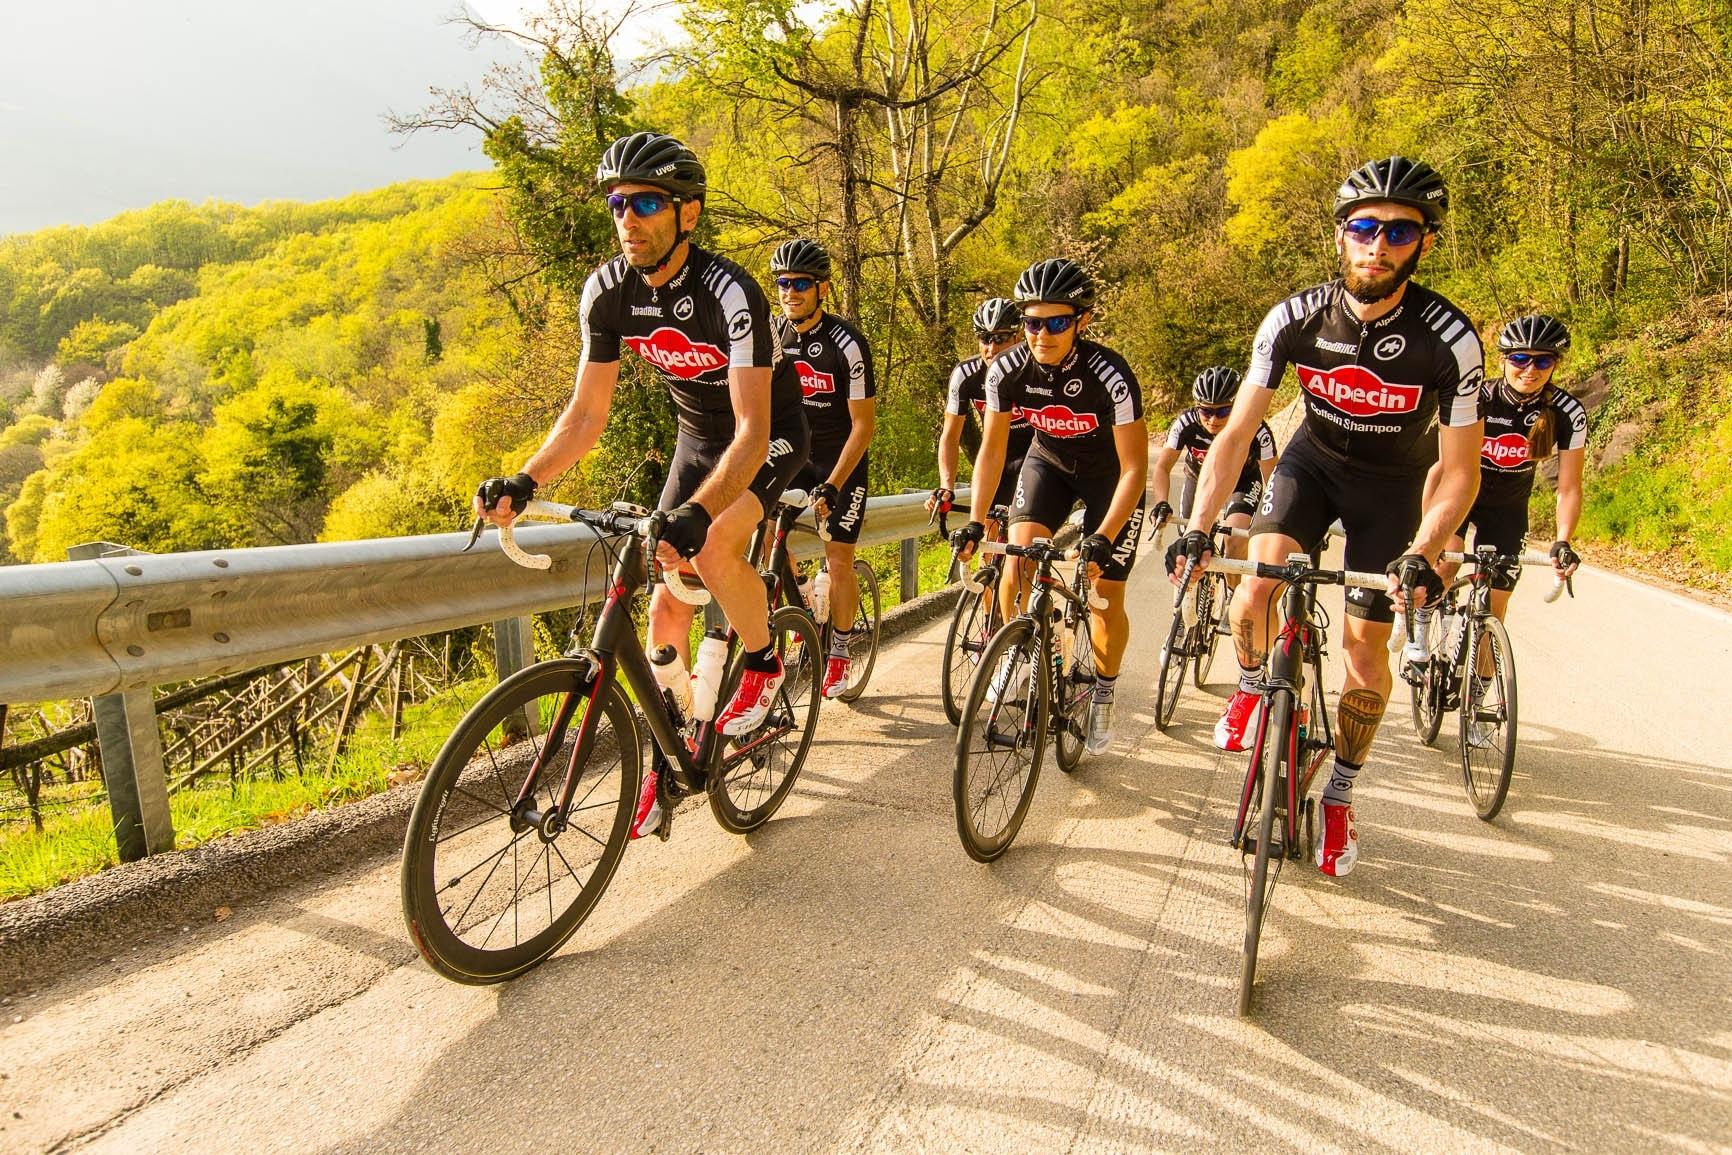 Trainingslager des Team Alpecin in Kaltern – ein Erlebnisbericht